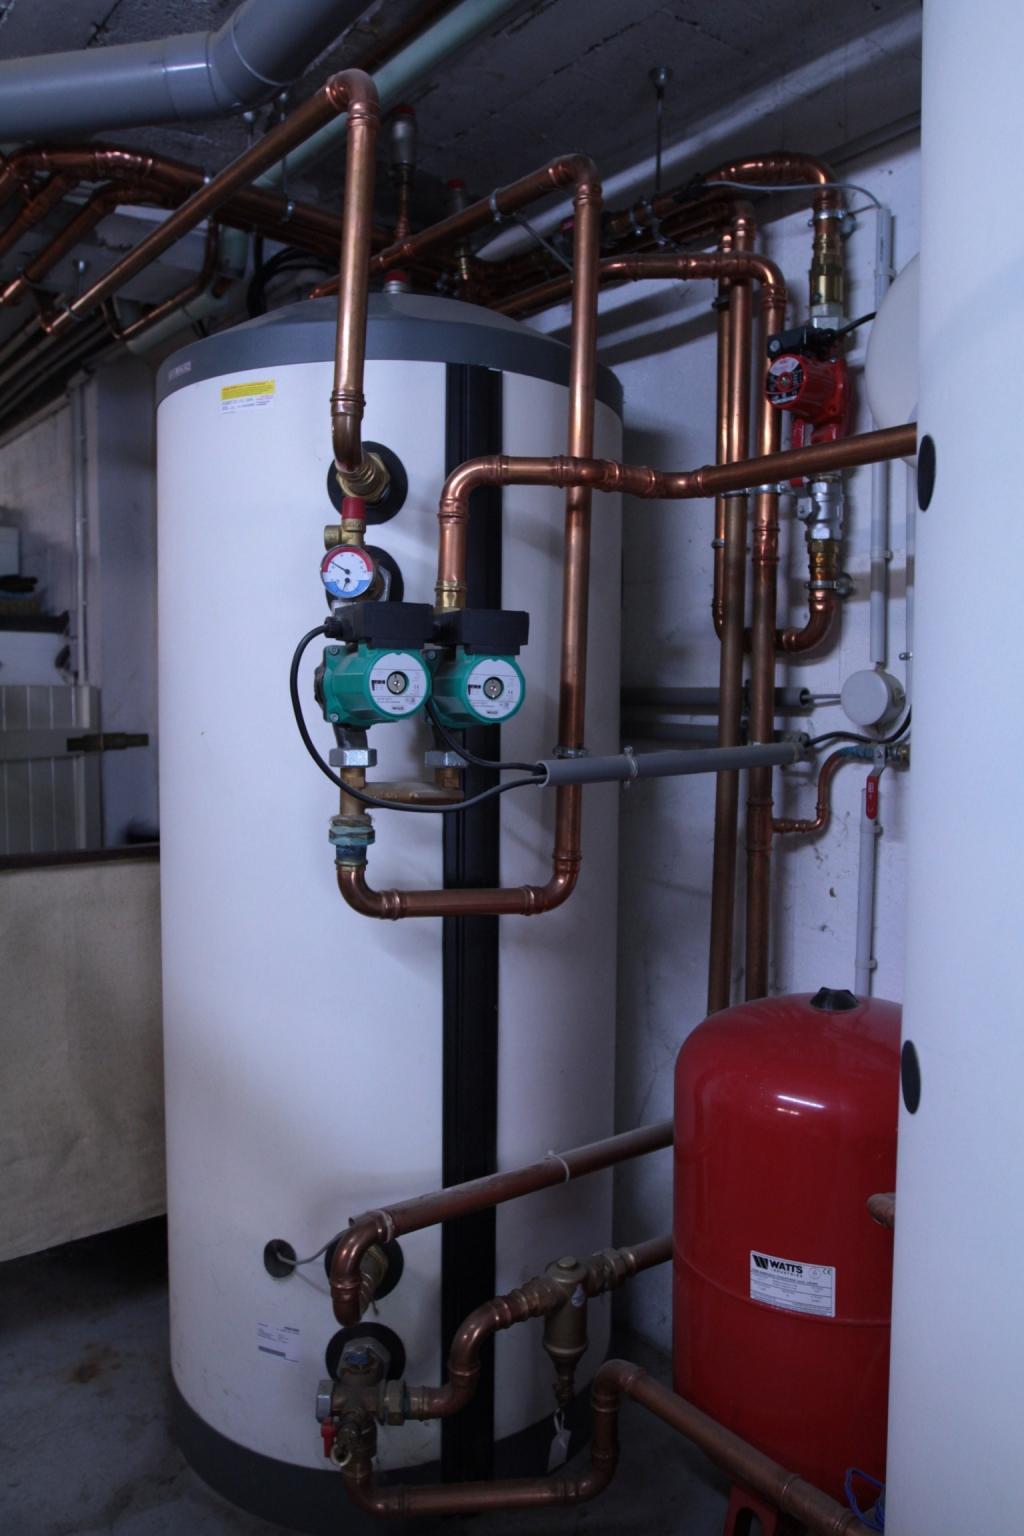 Pompe à chaleur Stiebel Eltron WPL 33 avec une chaudière hoval en relève